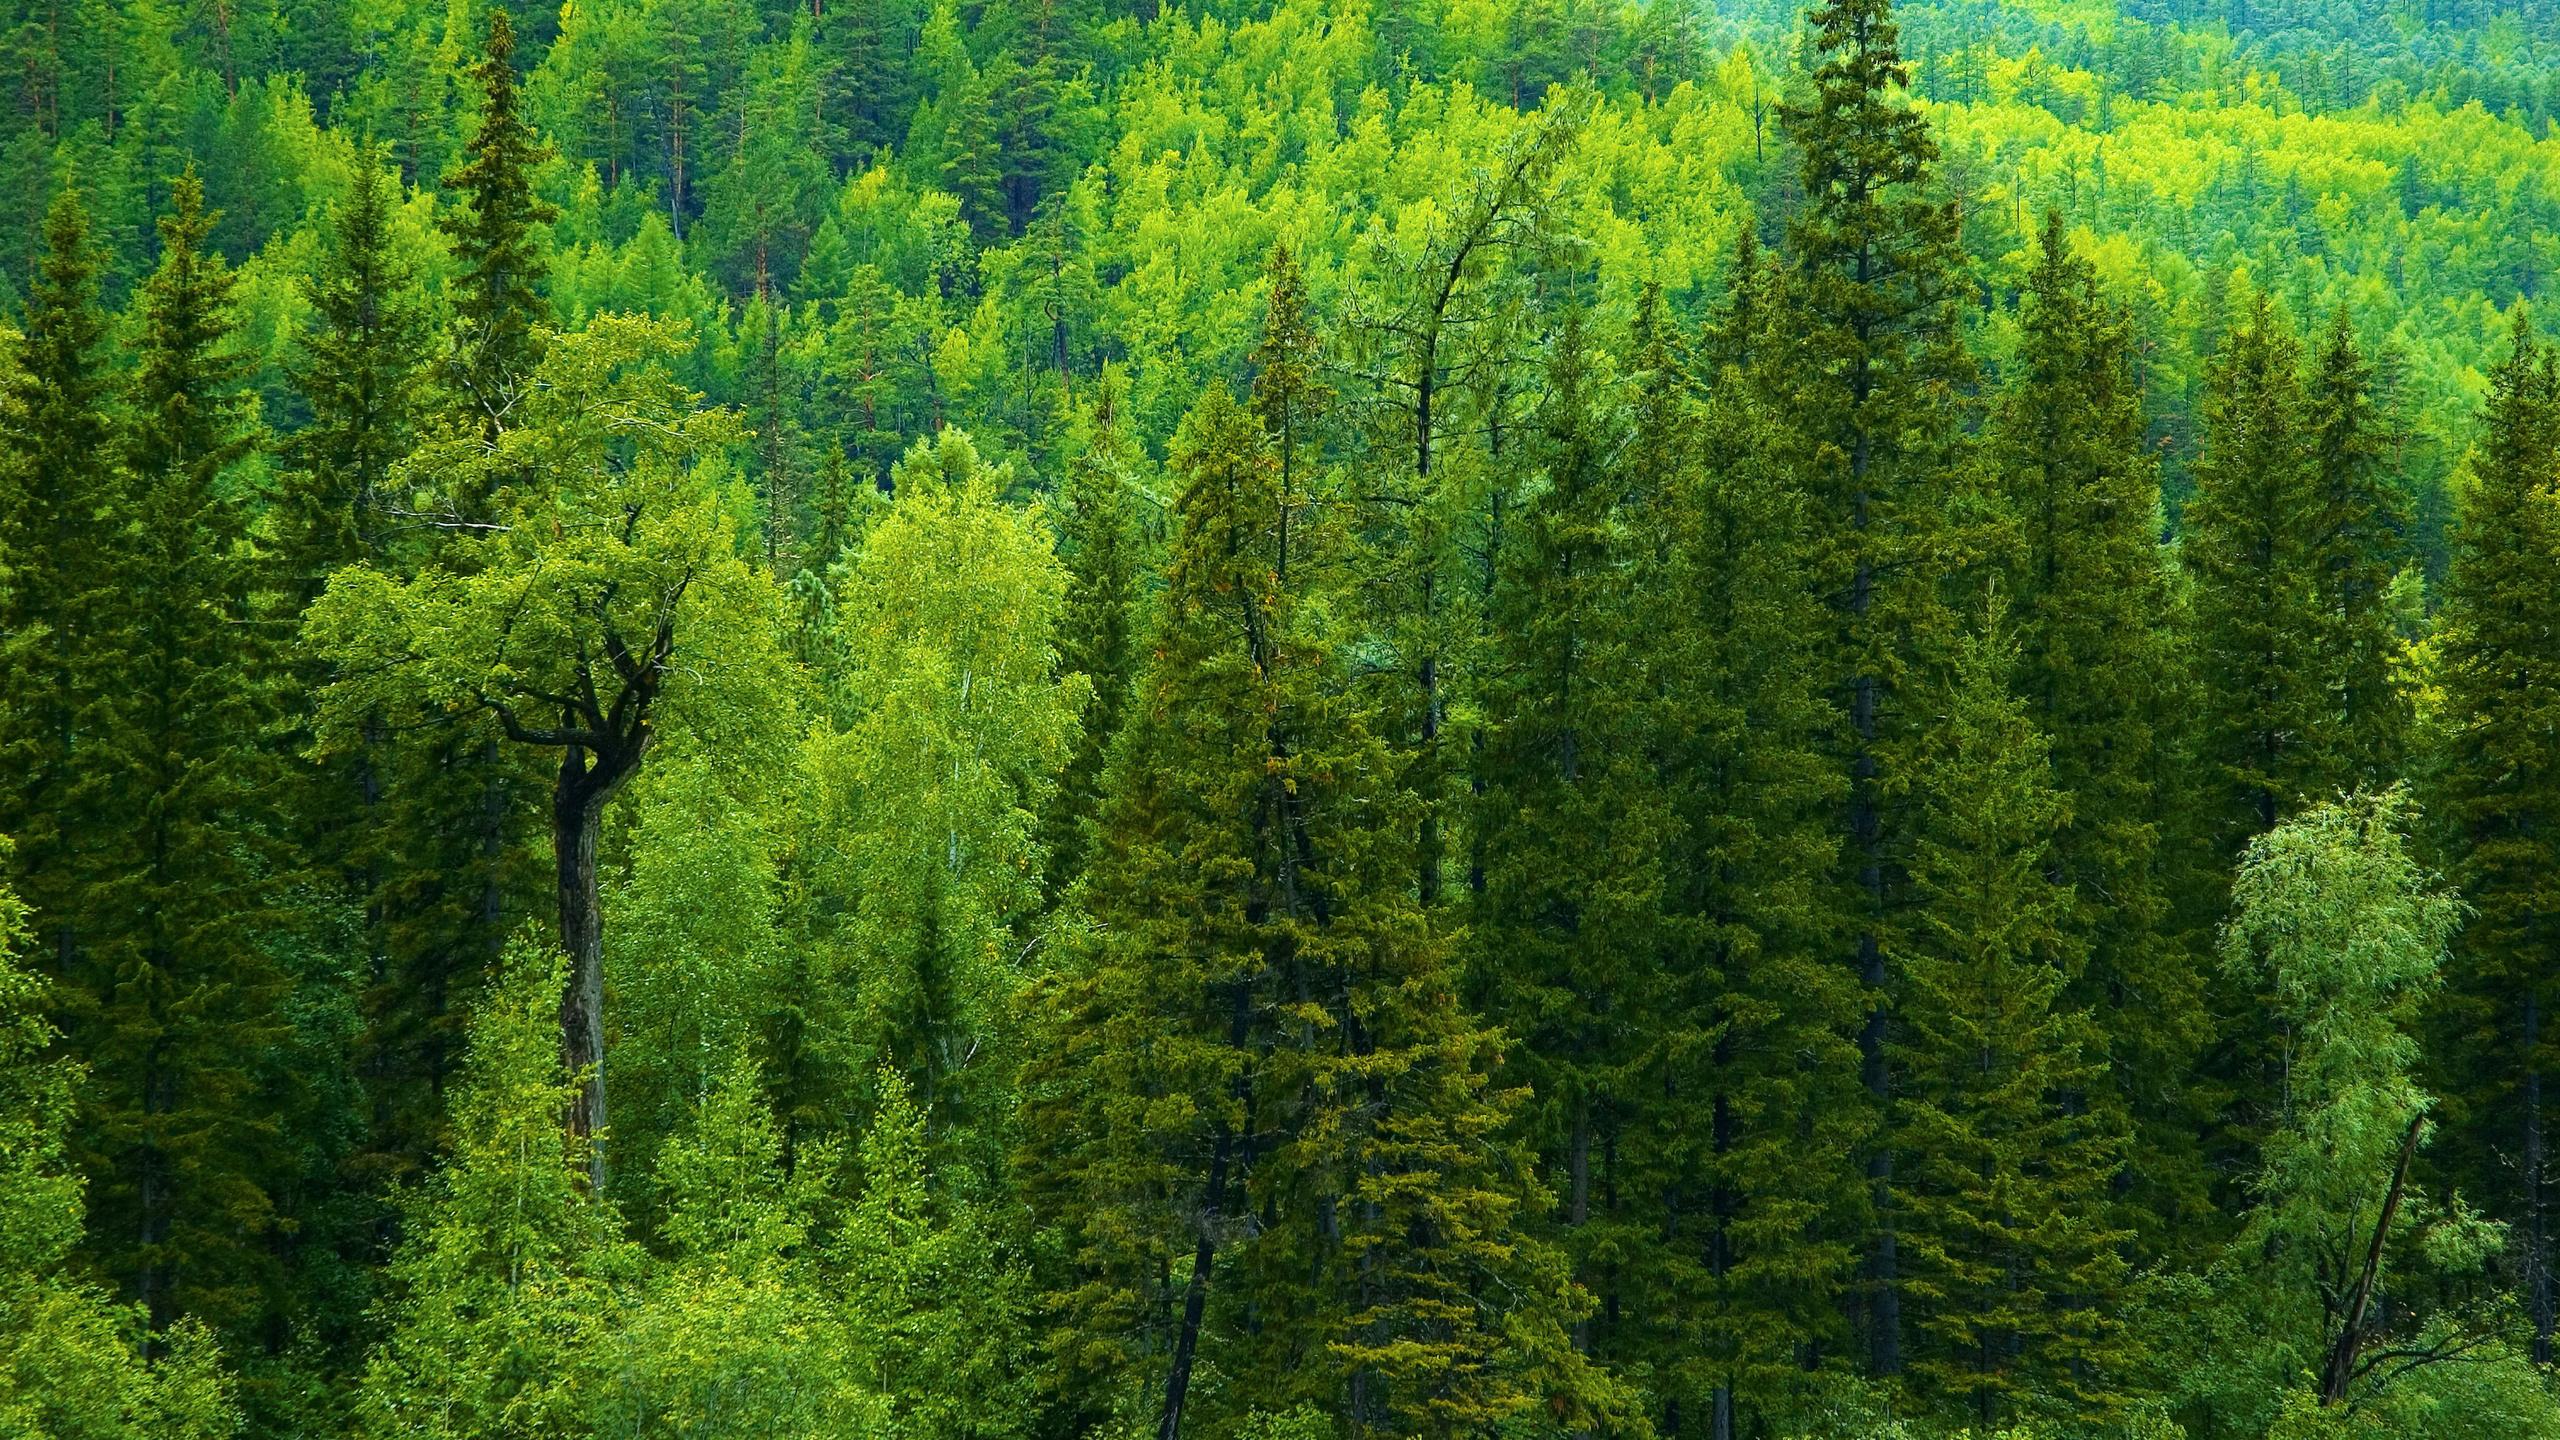 картинки разного леса наверняка захочется оставить